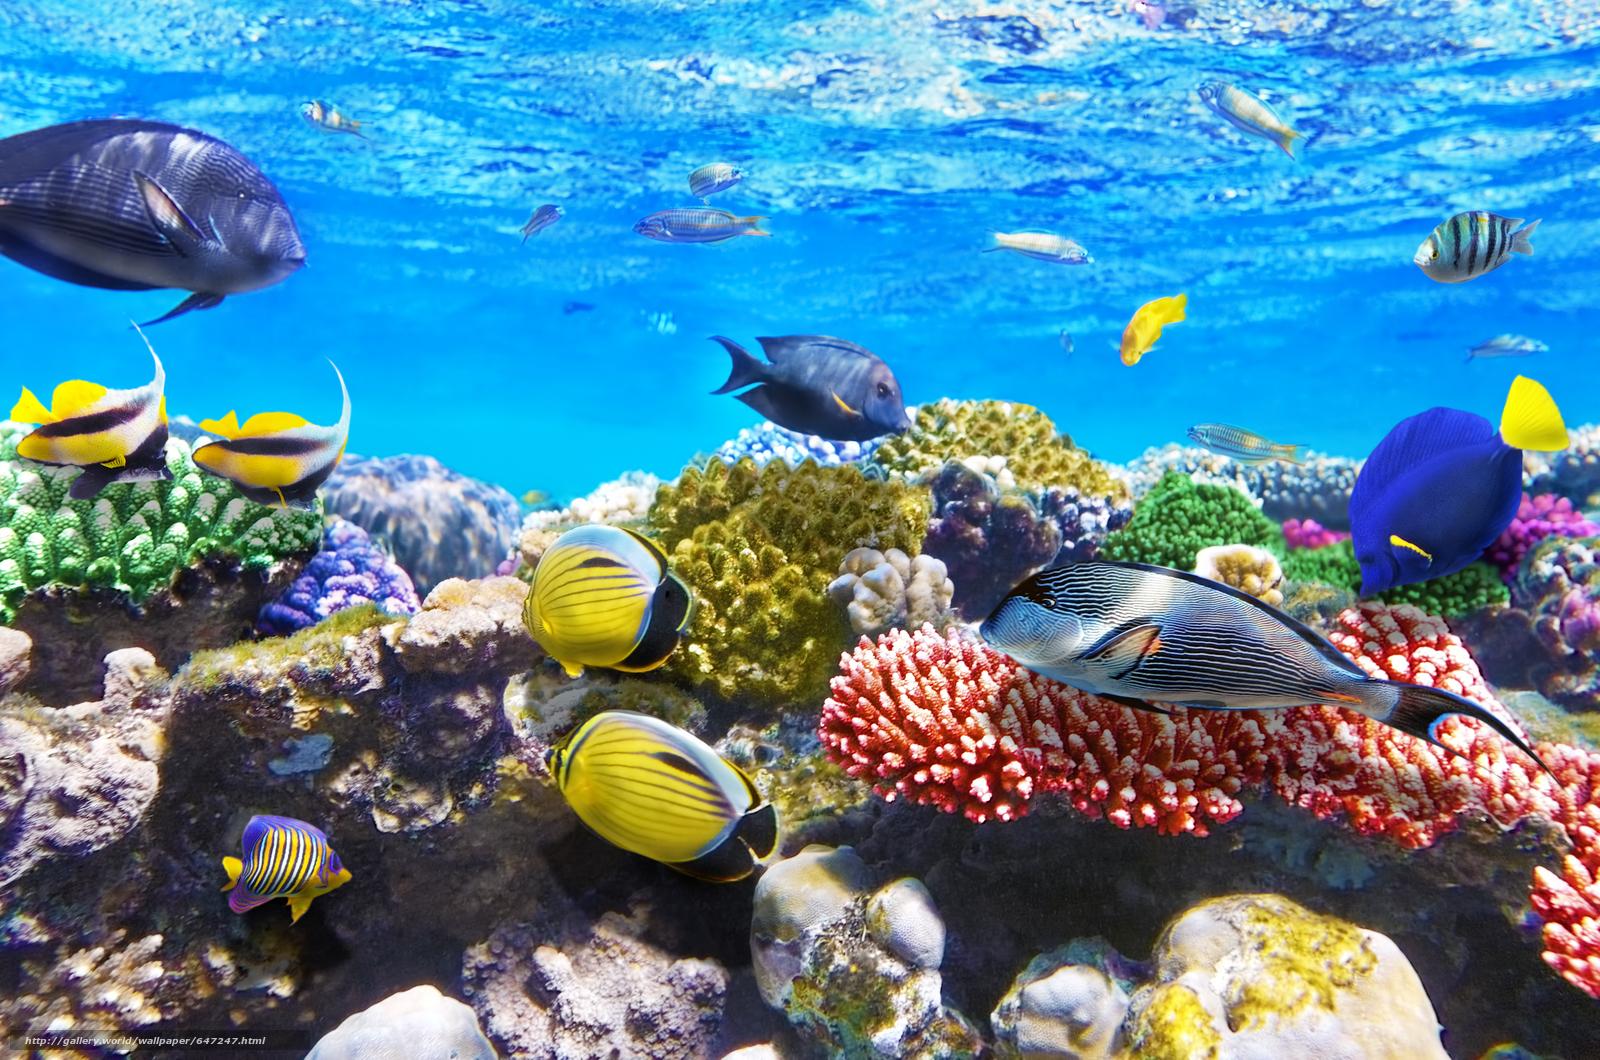 Скачать обои море,  морское дно,  рыбы,  природа бесплатно для рабочего стола в разрешении 4200x2782 — картинка №647247